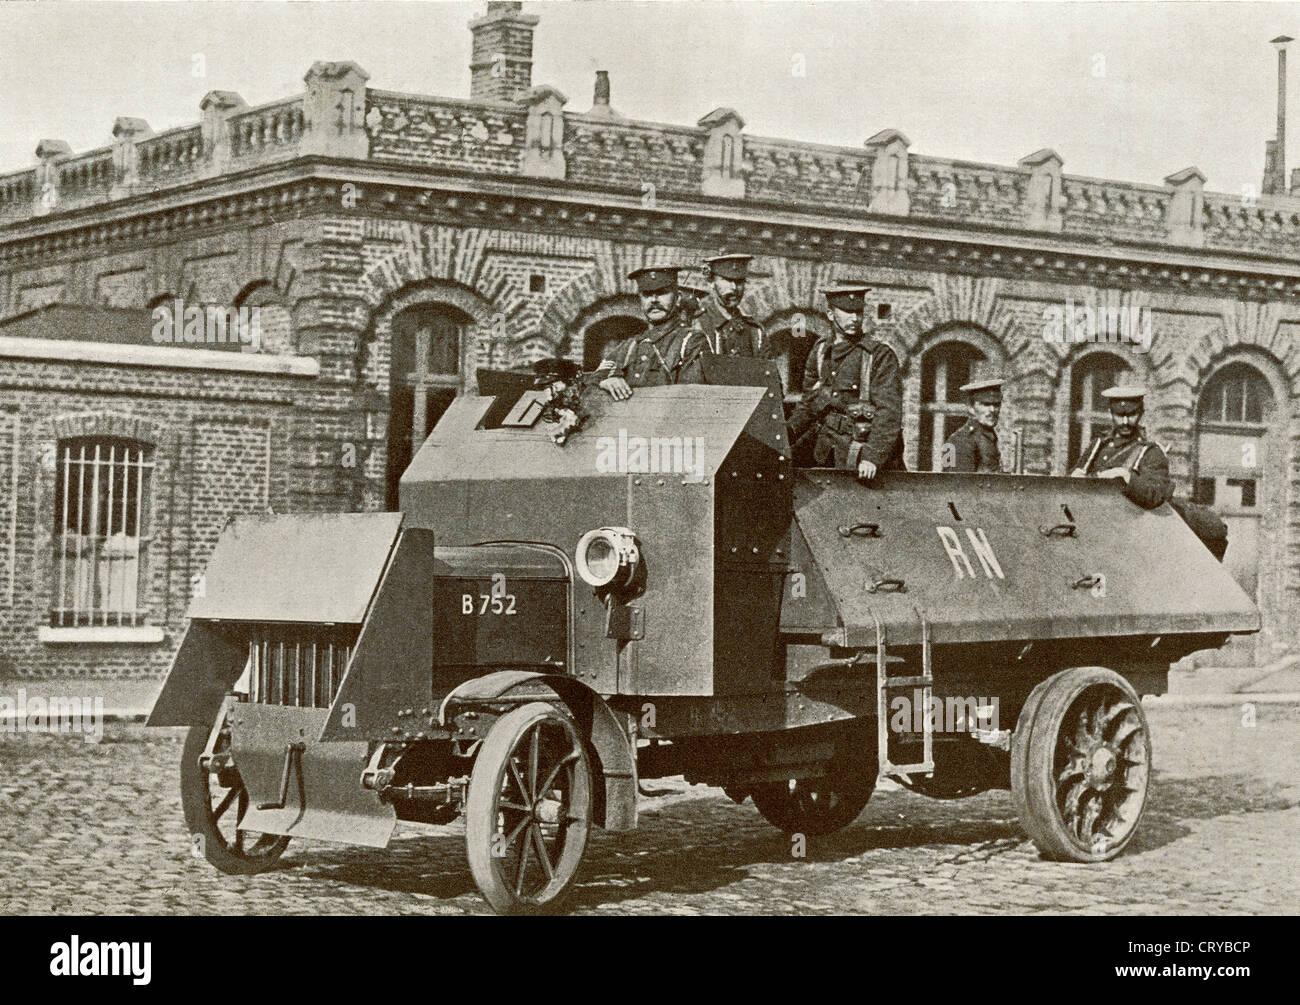 Eine britische gepanzerte Motor im Jahr 1914 im ersten Weltkrieg. Aus dem Jahr 1914 illustriert. Stockbild